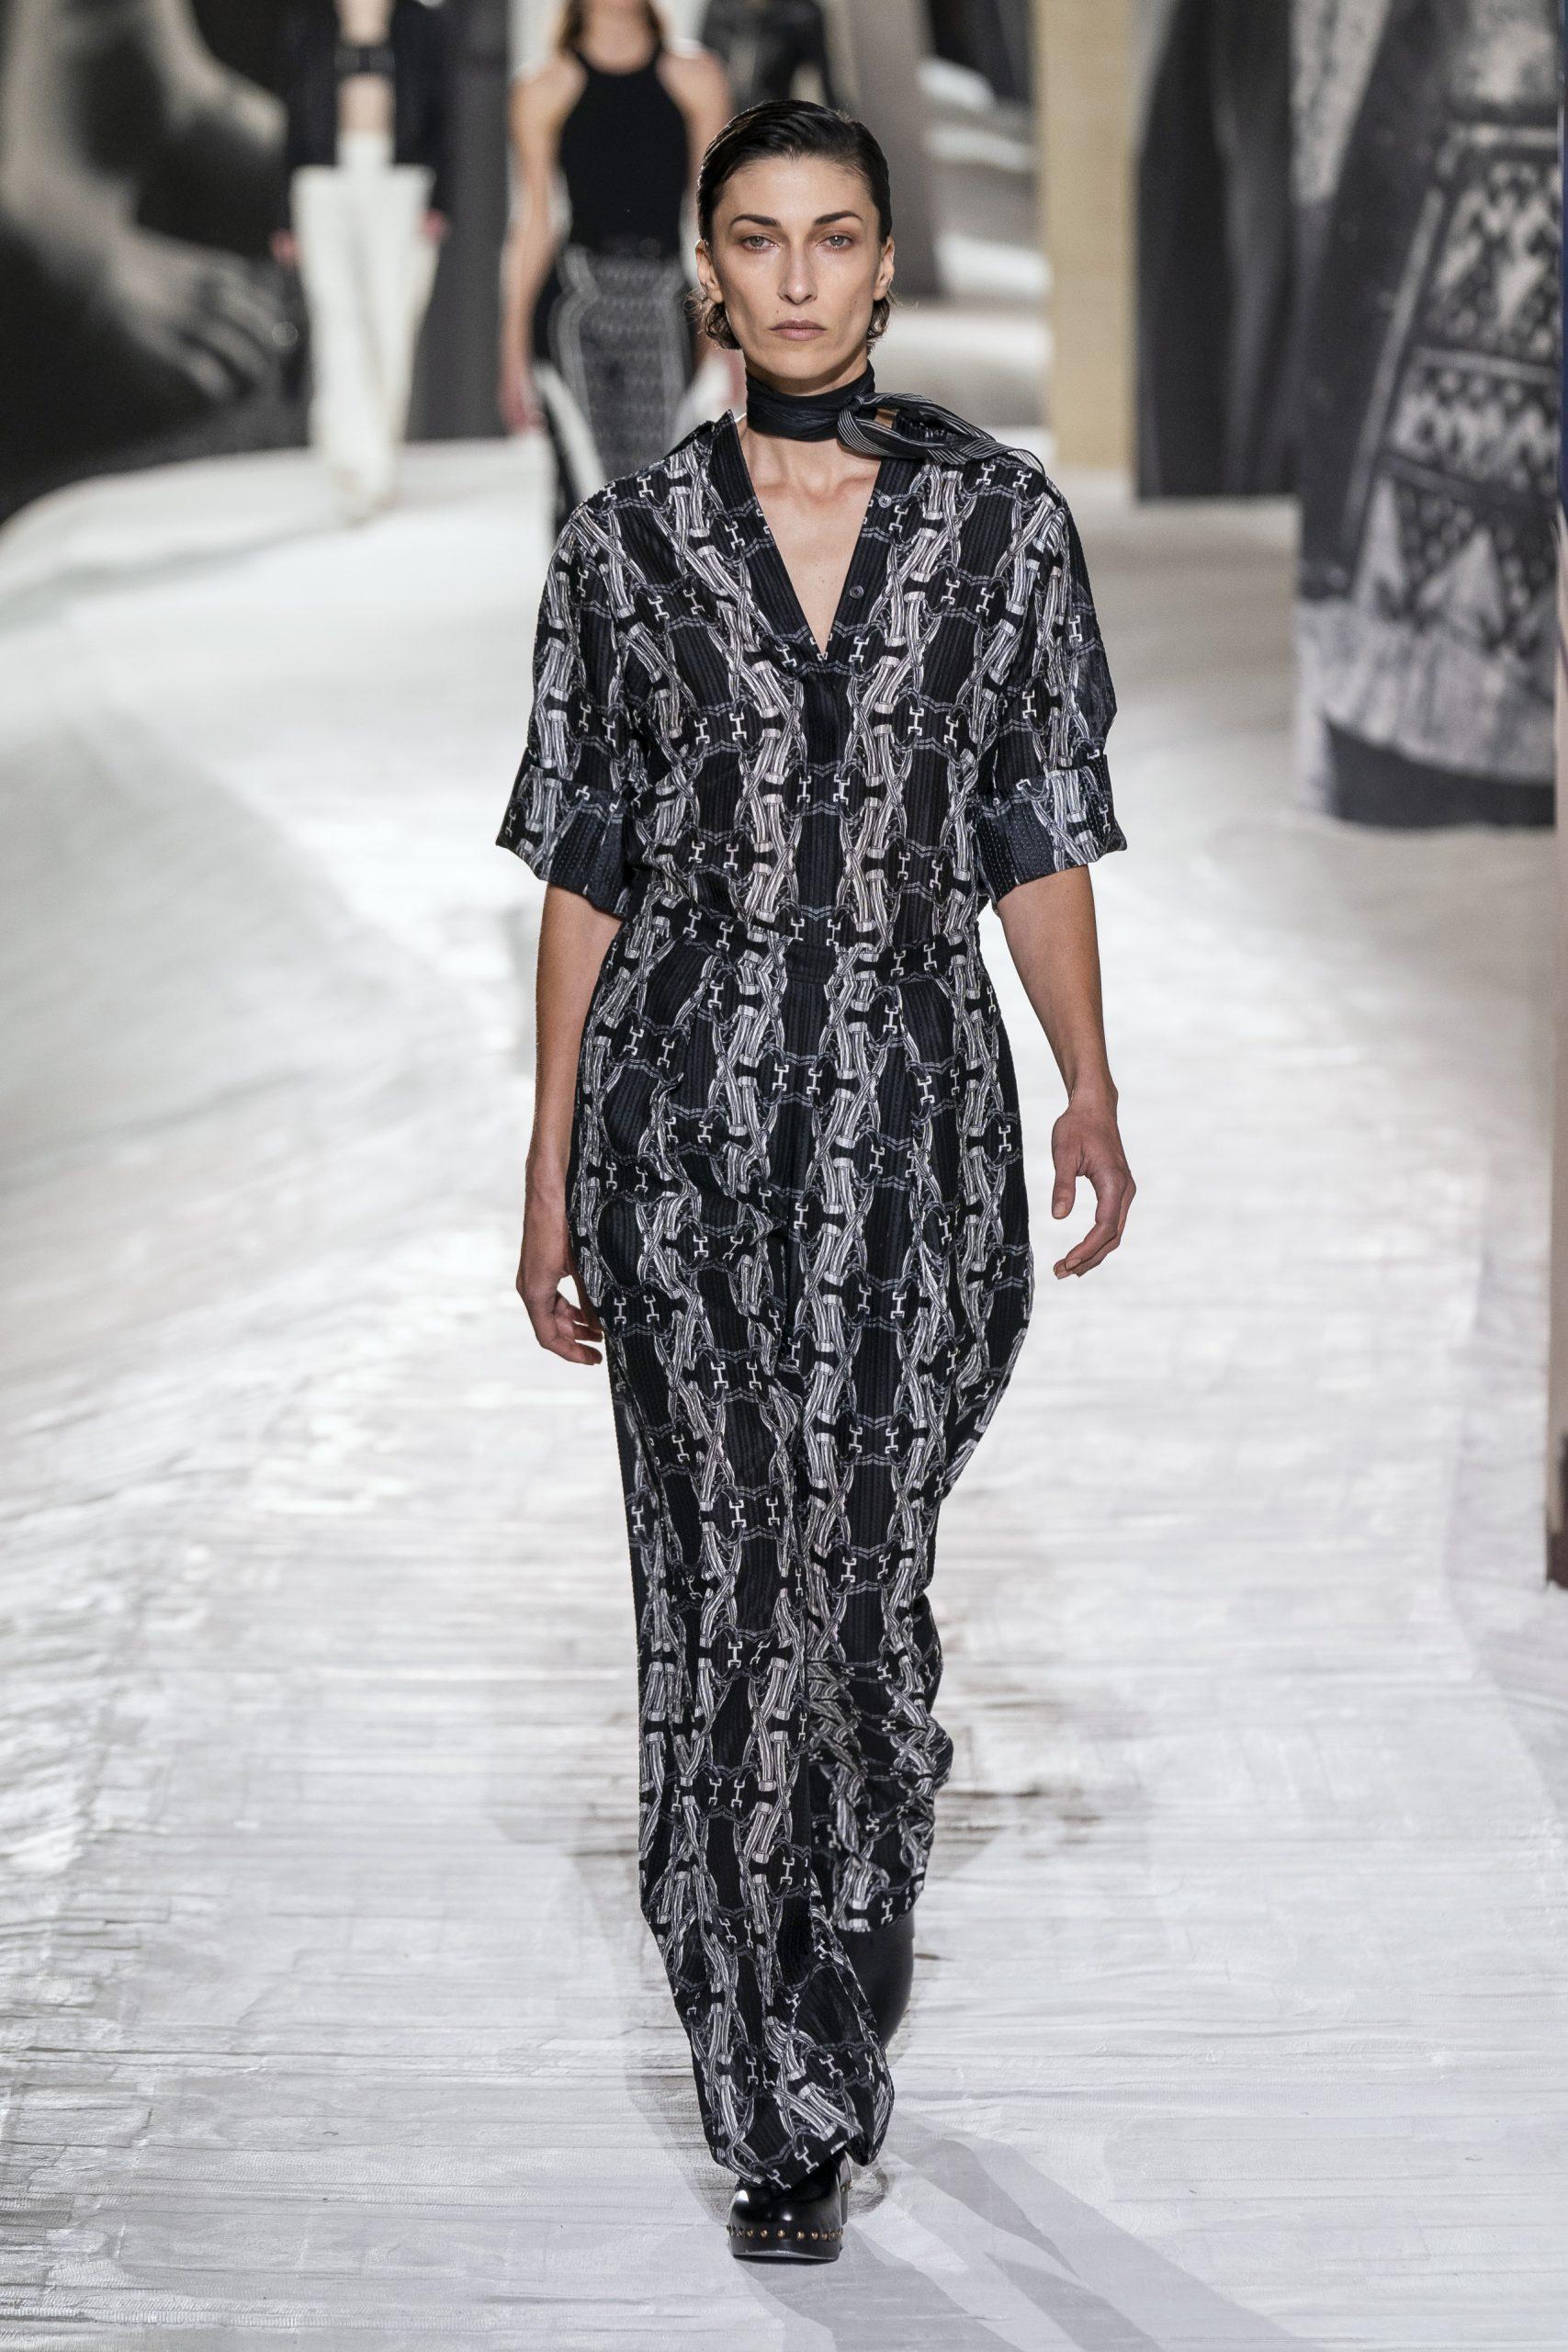 15. kép: Párizsi divathét - Hermès - 2021 tavasz-nyár - ready to wear